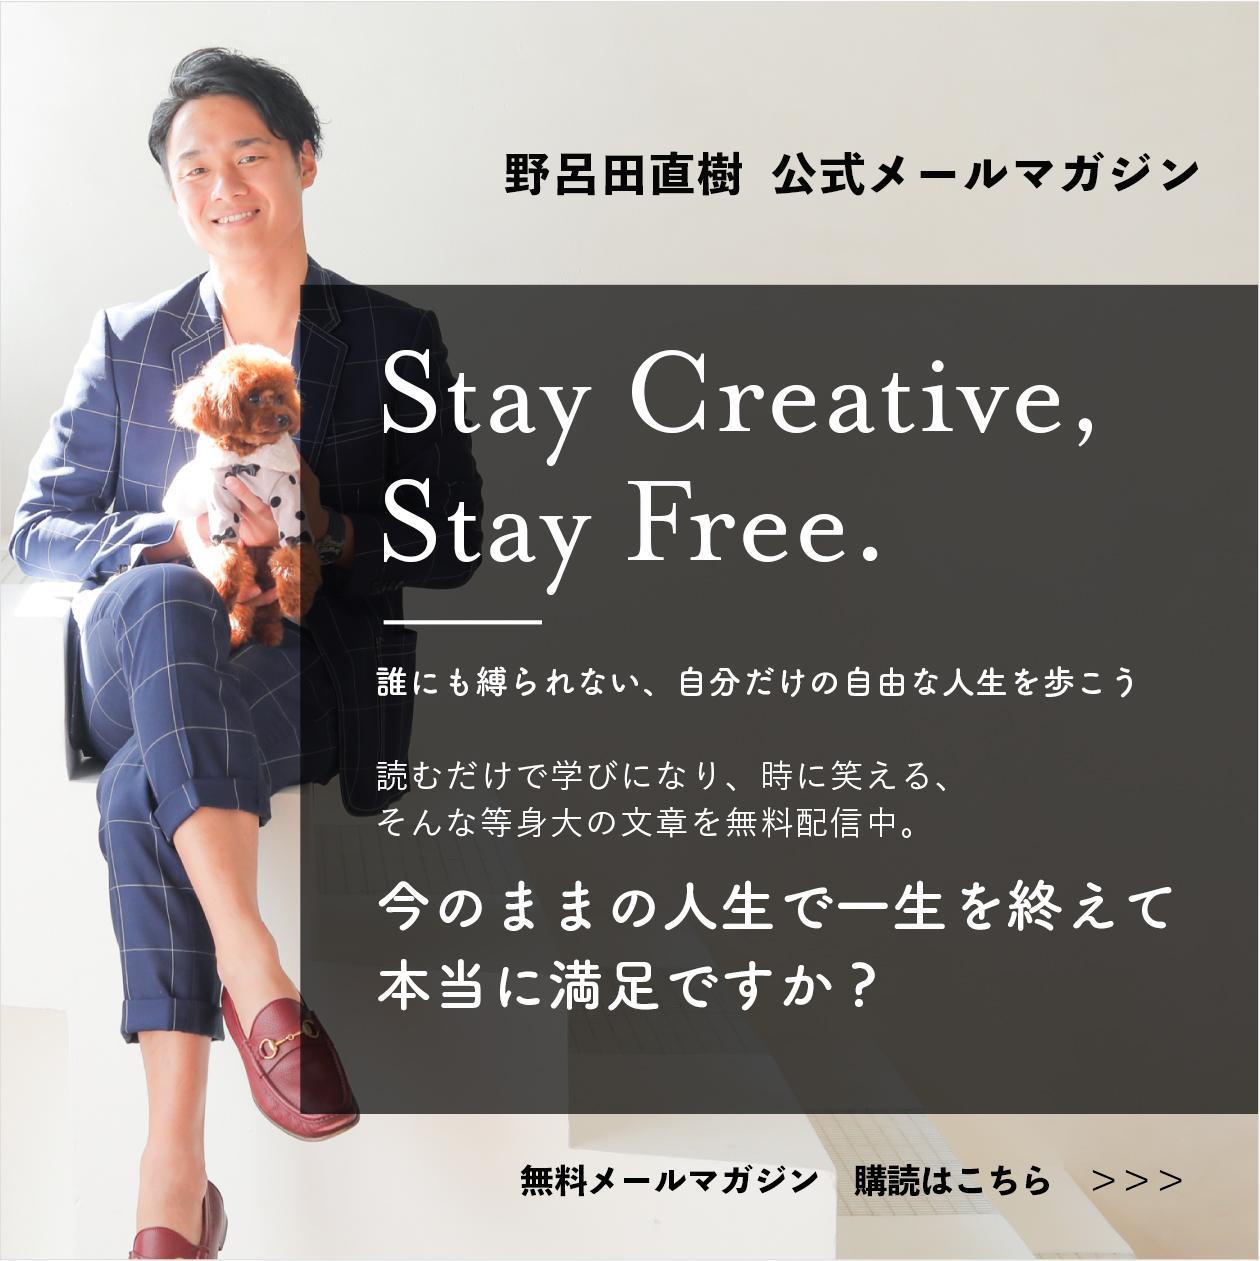 野呂田直樹公式メールマガジン「Stay Creative,Stay Free」